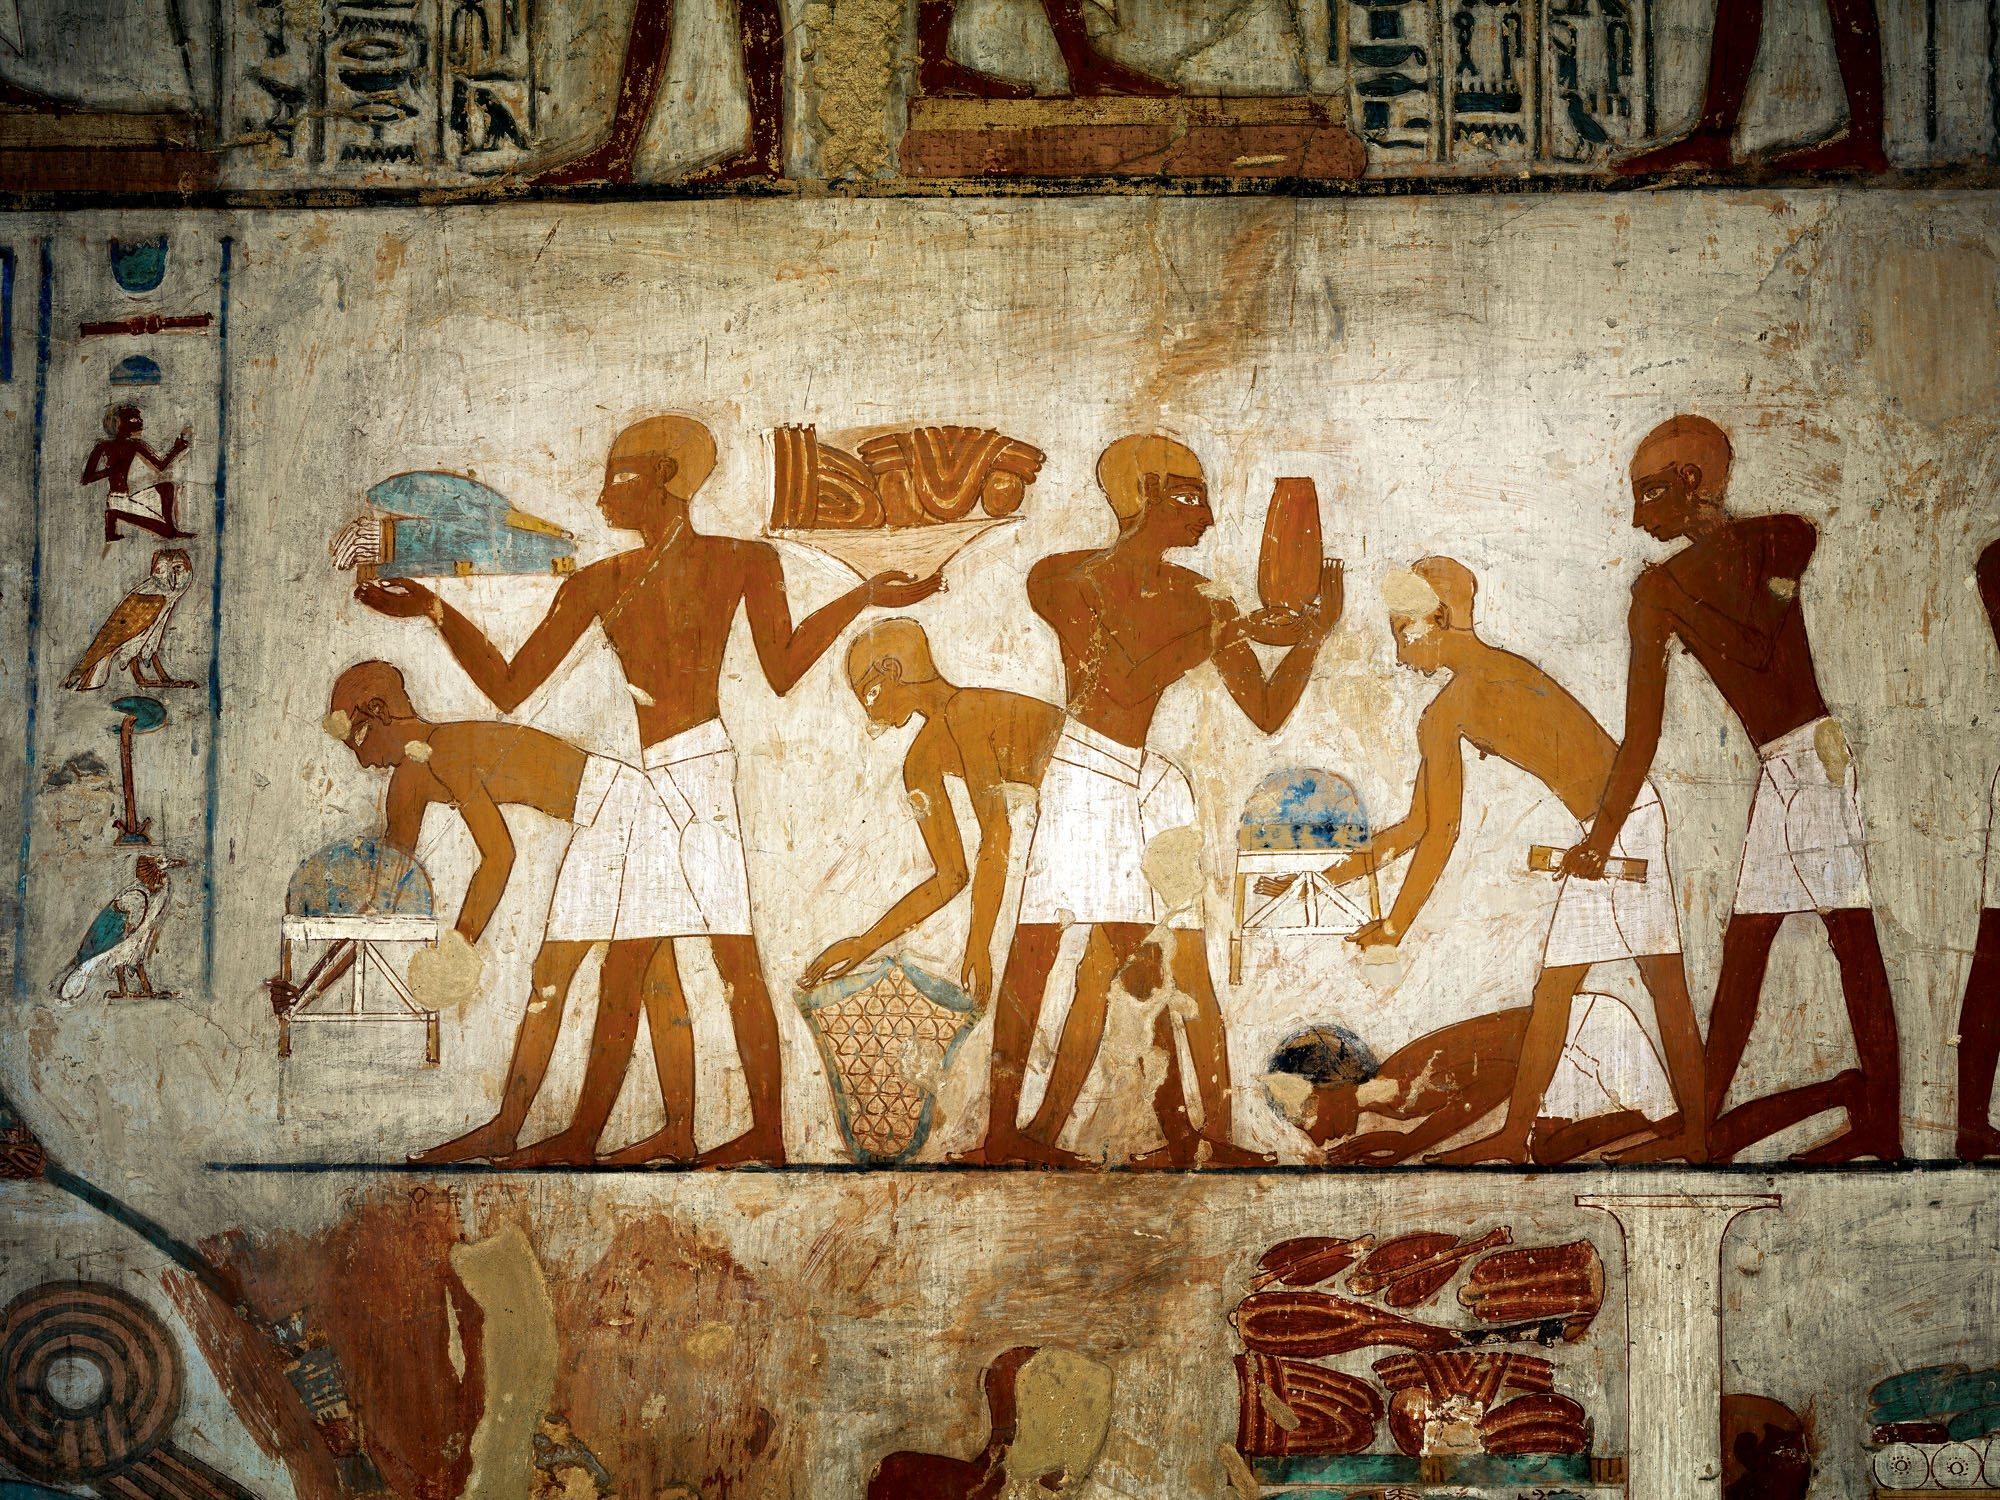 El rinc n de egipto el pago de los impuestos en el - El taller de lo antiguo ...